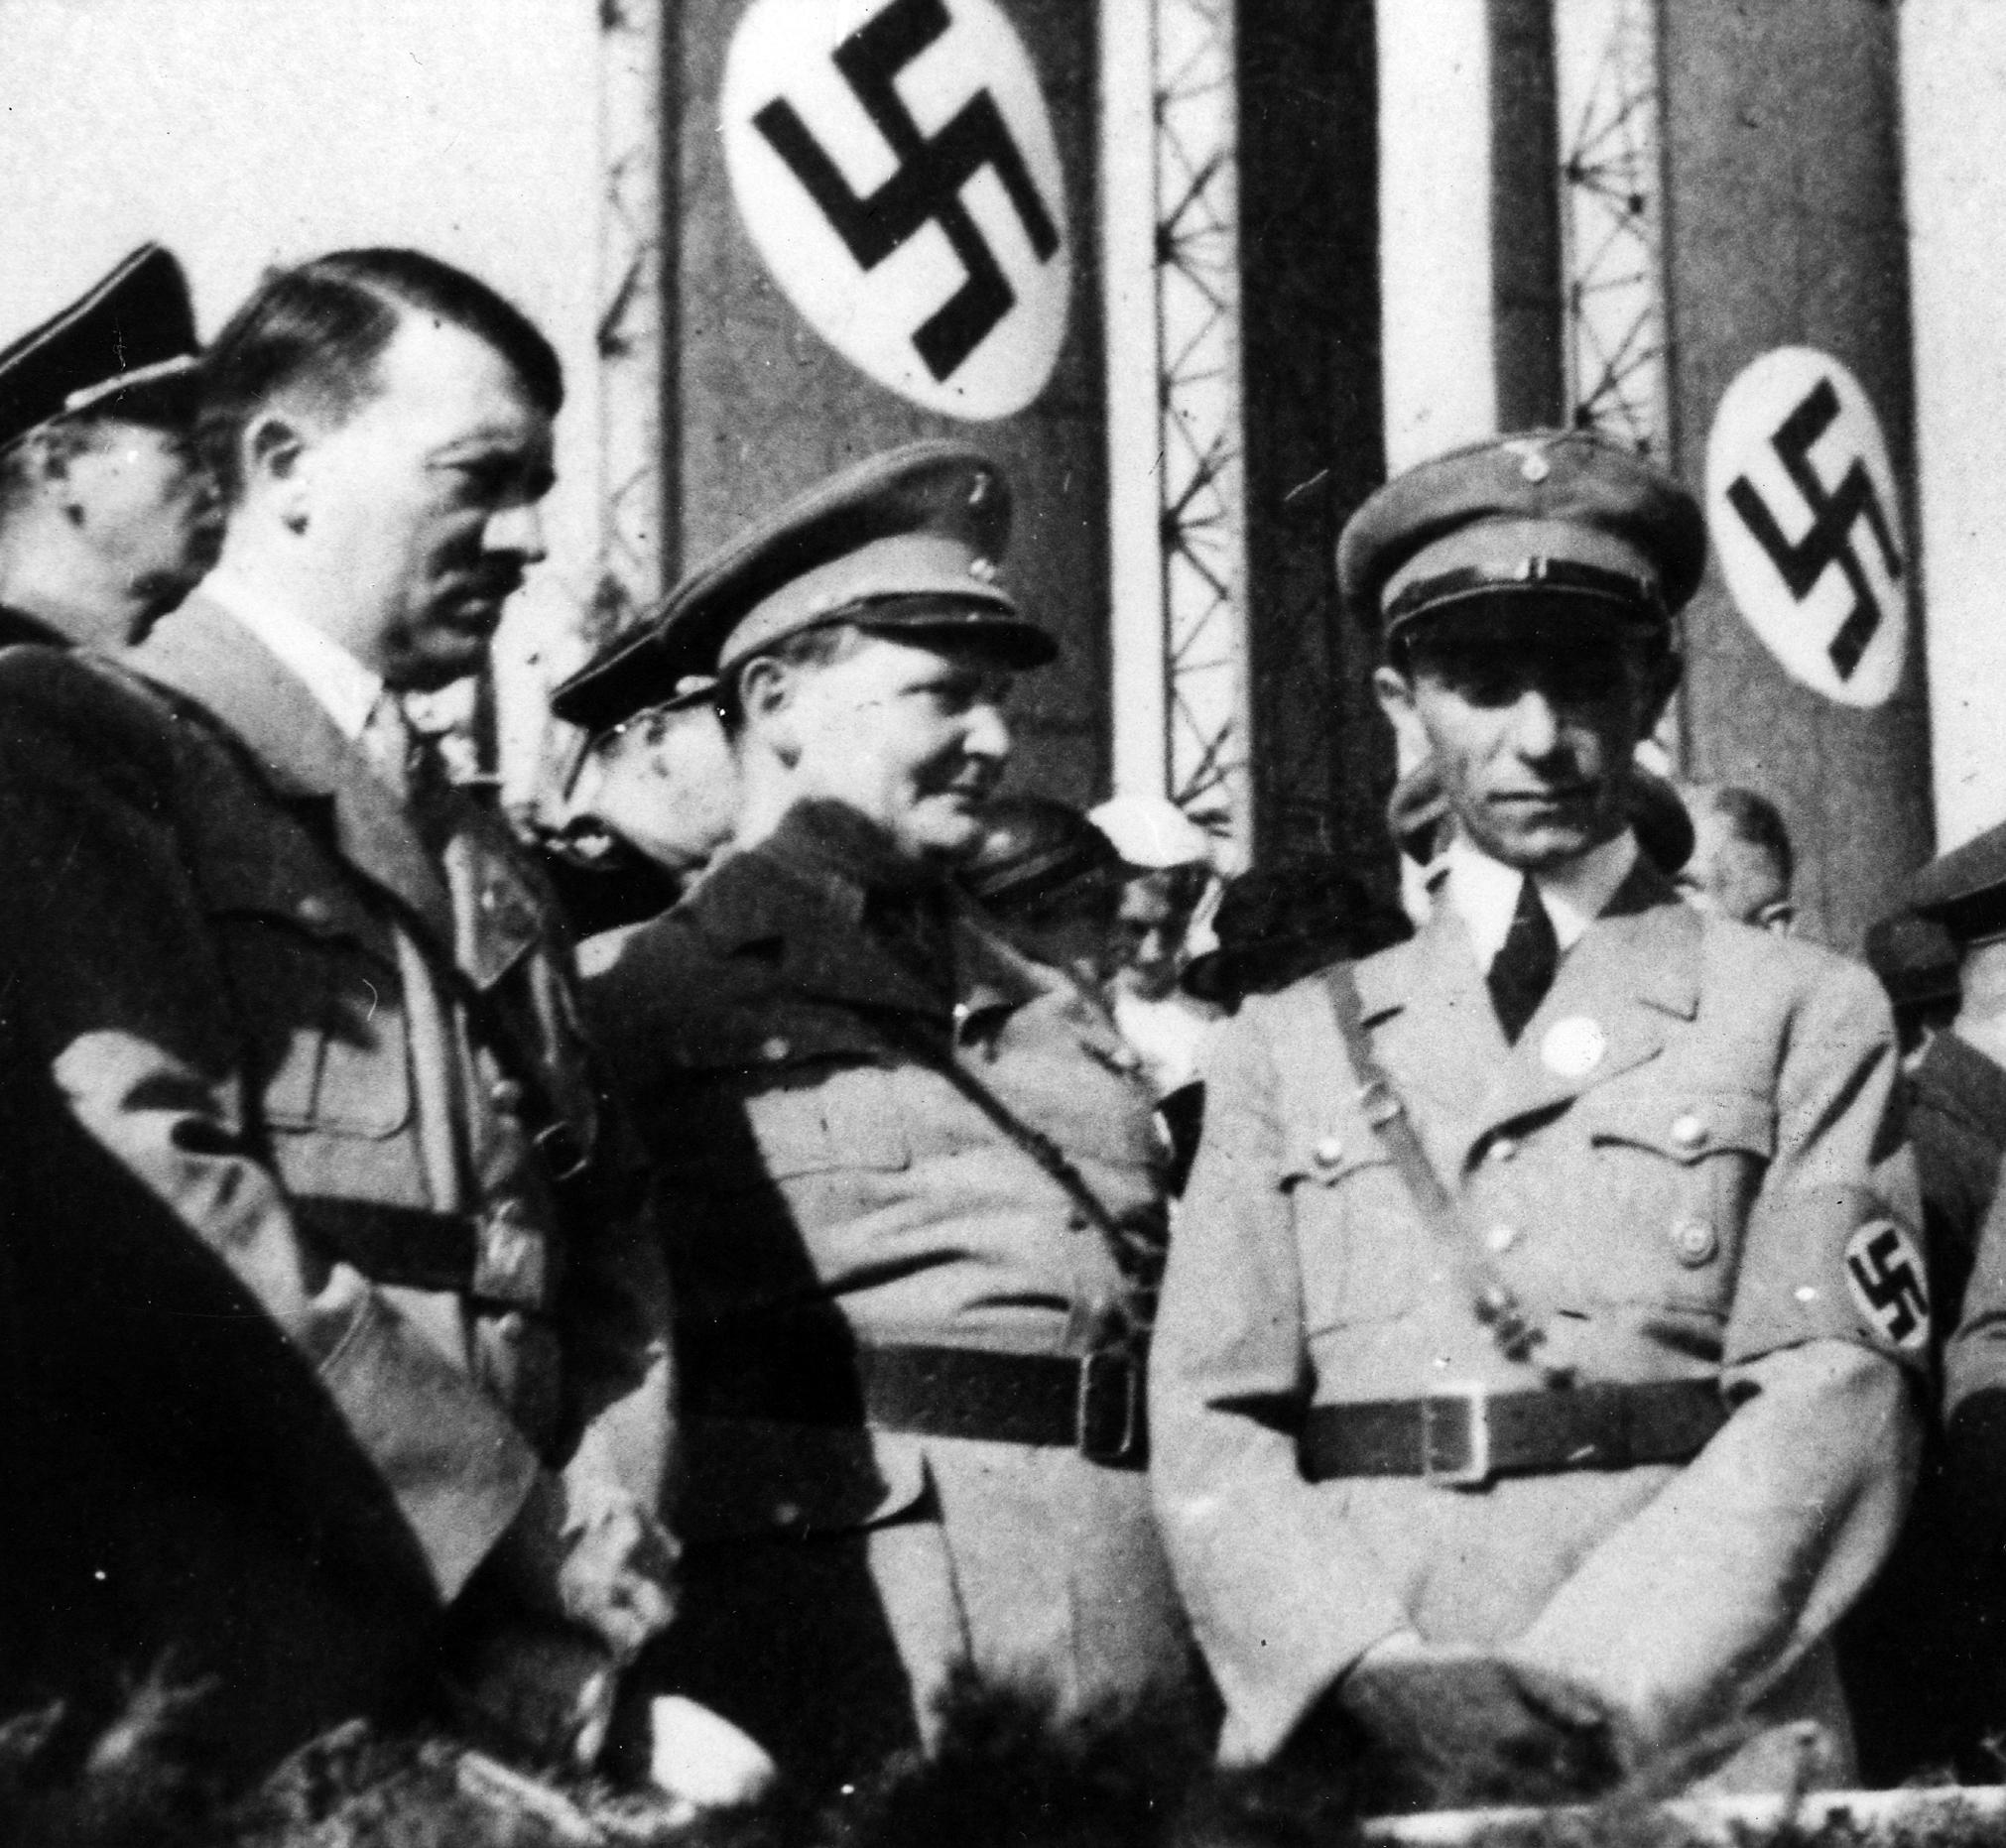 Hitler, Göring, and Goebbels